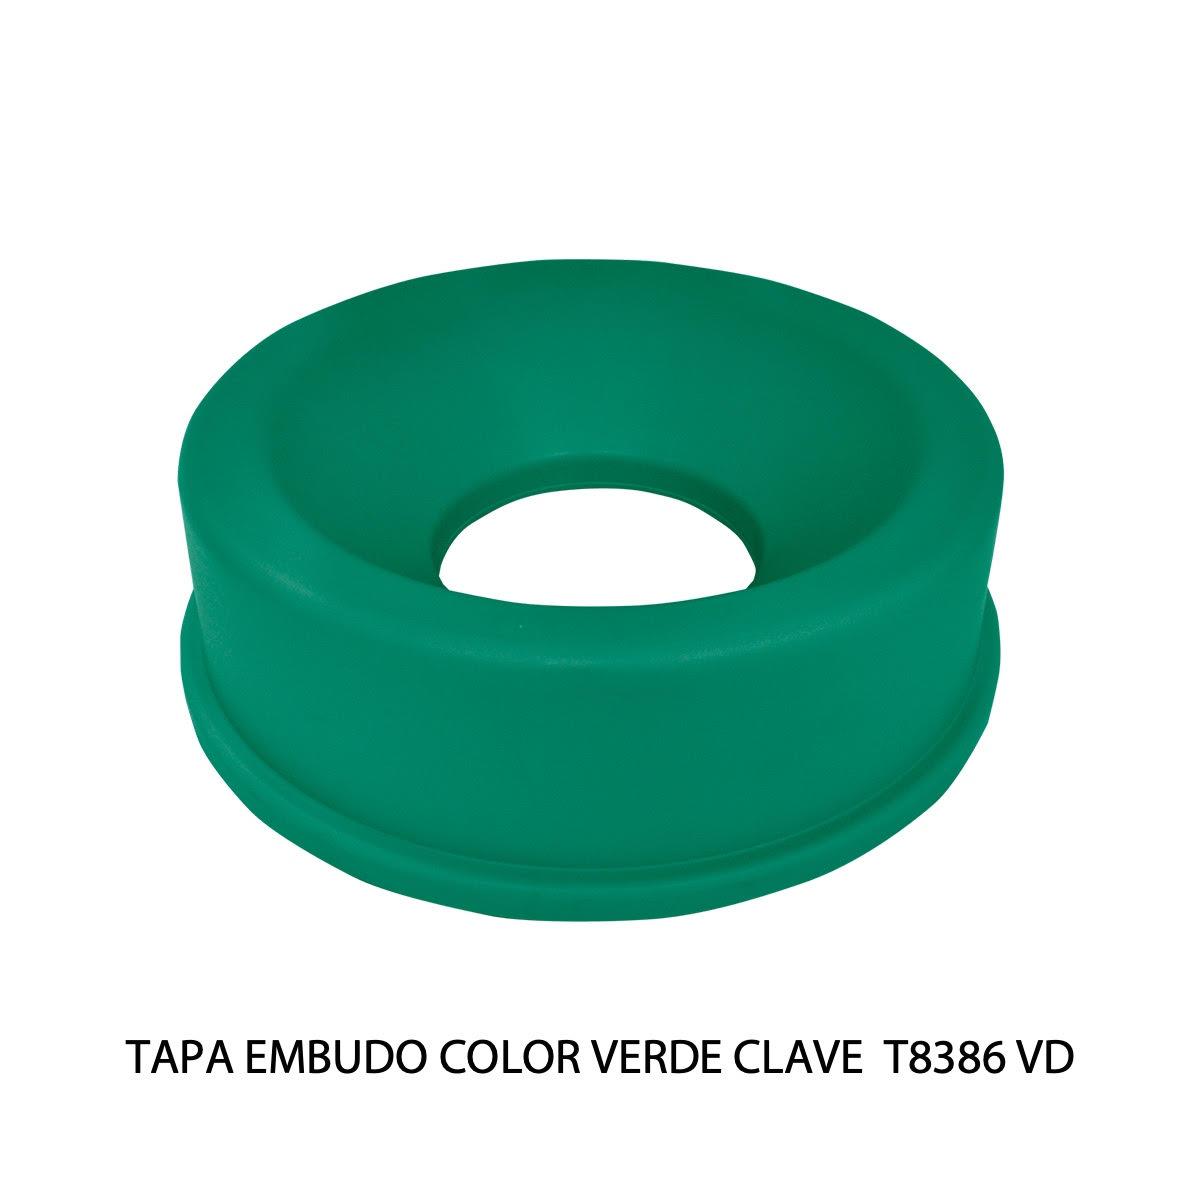 Tapa embudo color verde clave T8386 VD de Sablón